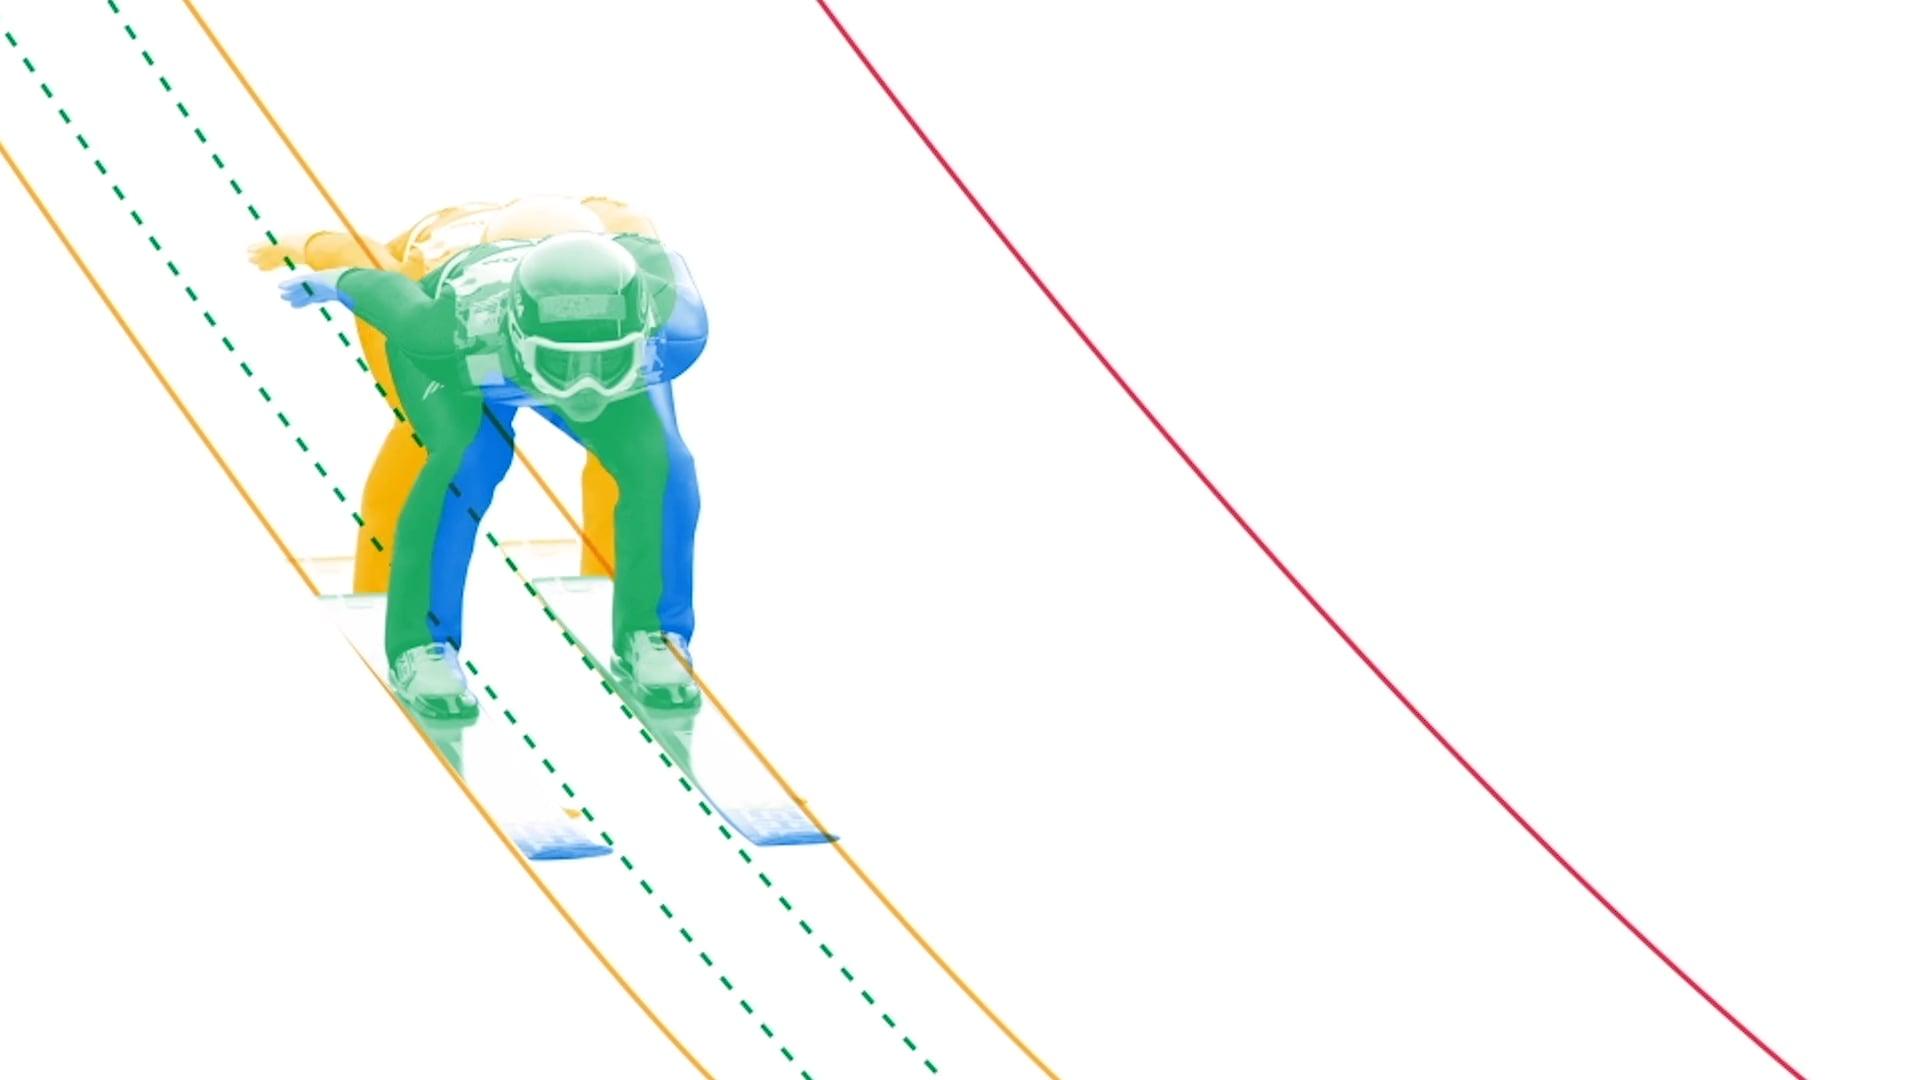 스키점프 (Ski Jumping)